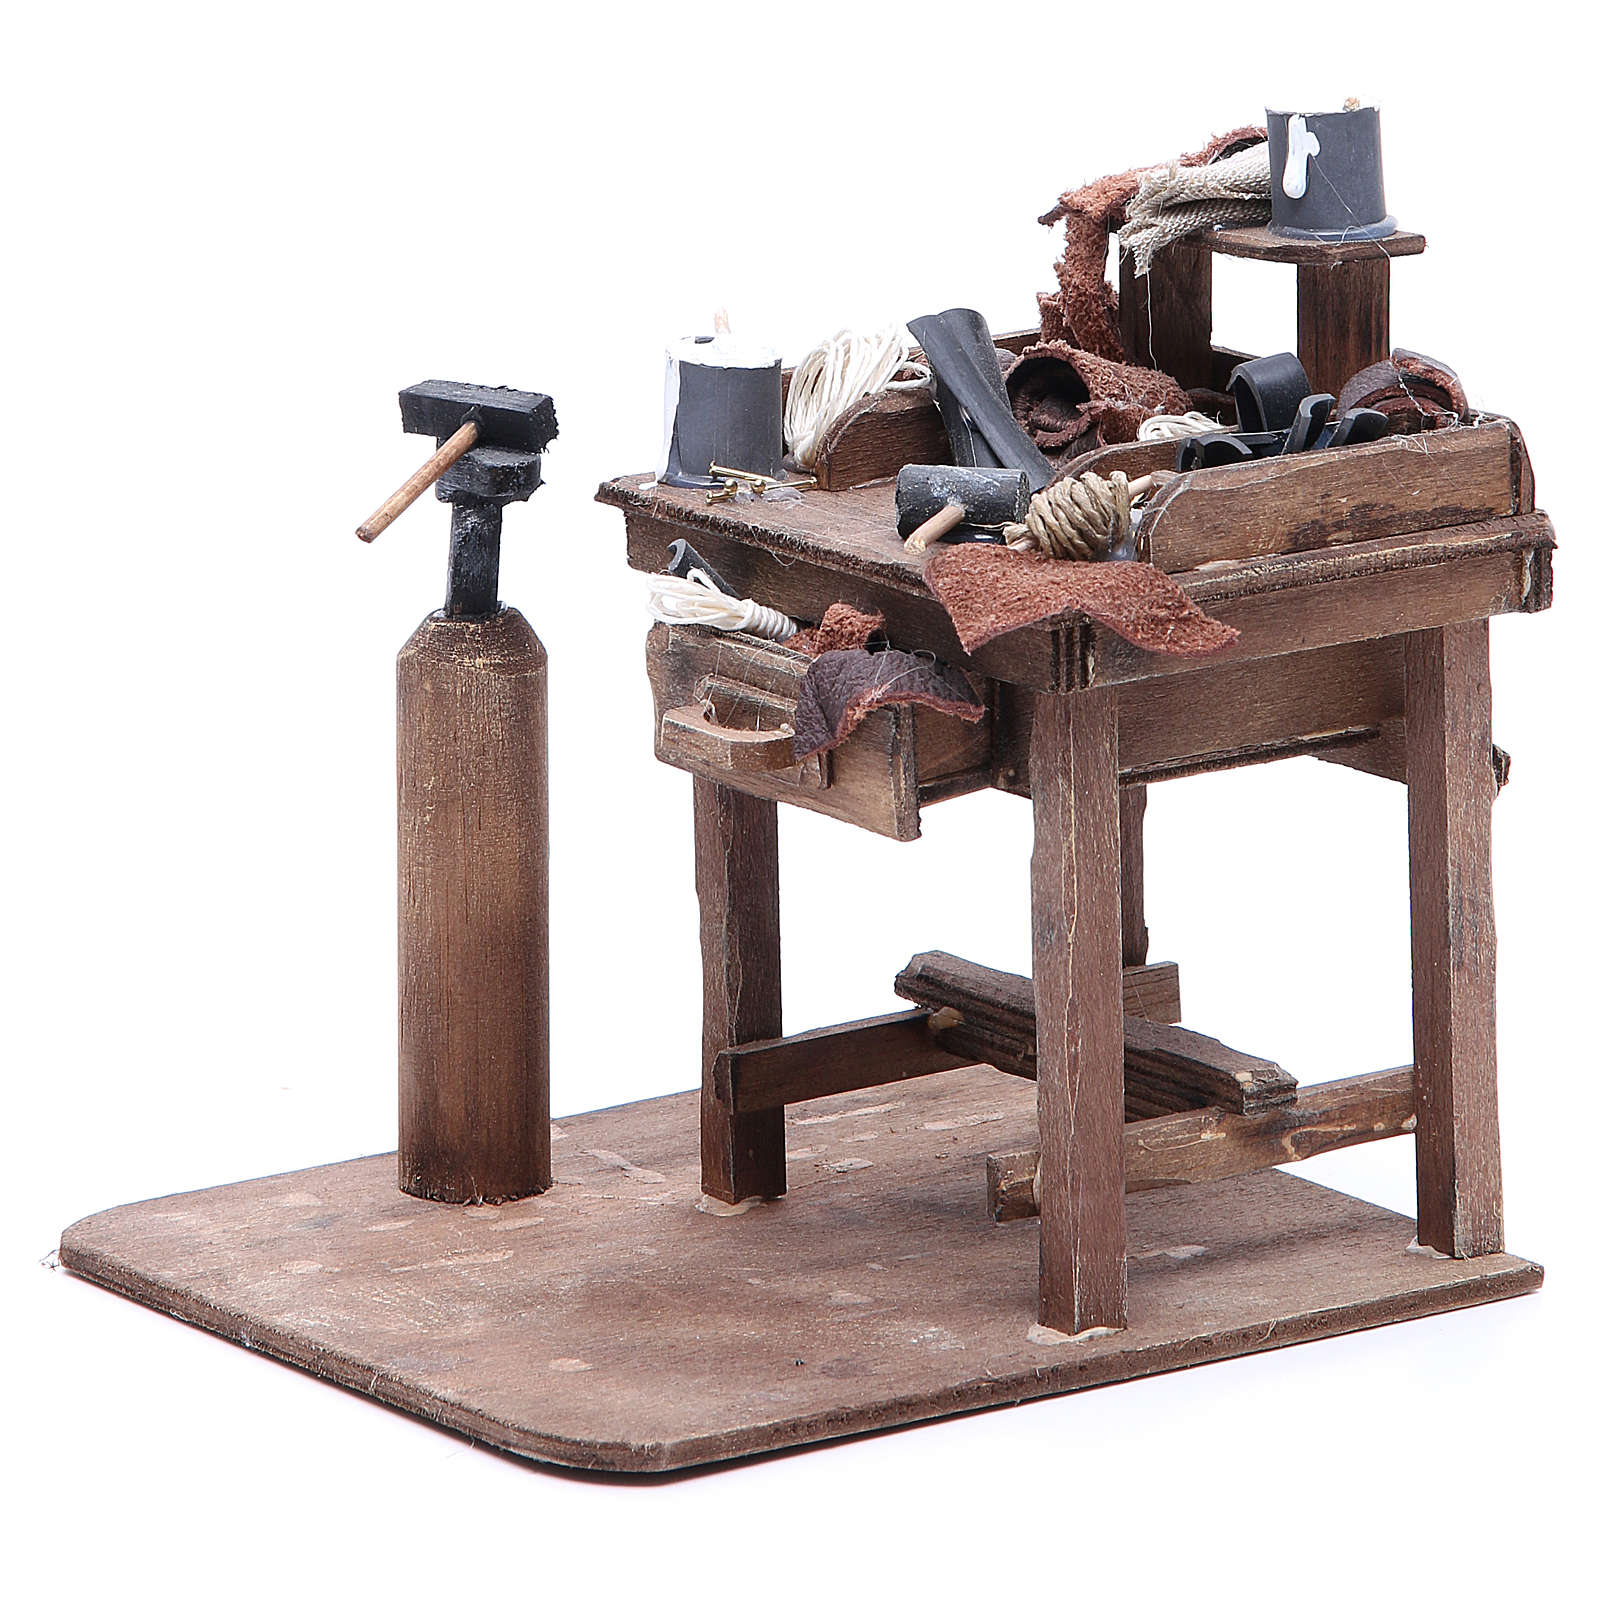 Stall of the shoemaker for Neapolitan Nativity, 24cm 4